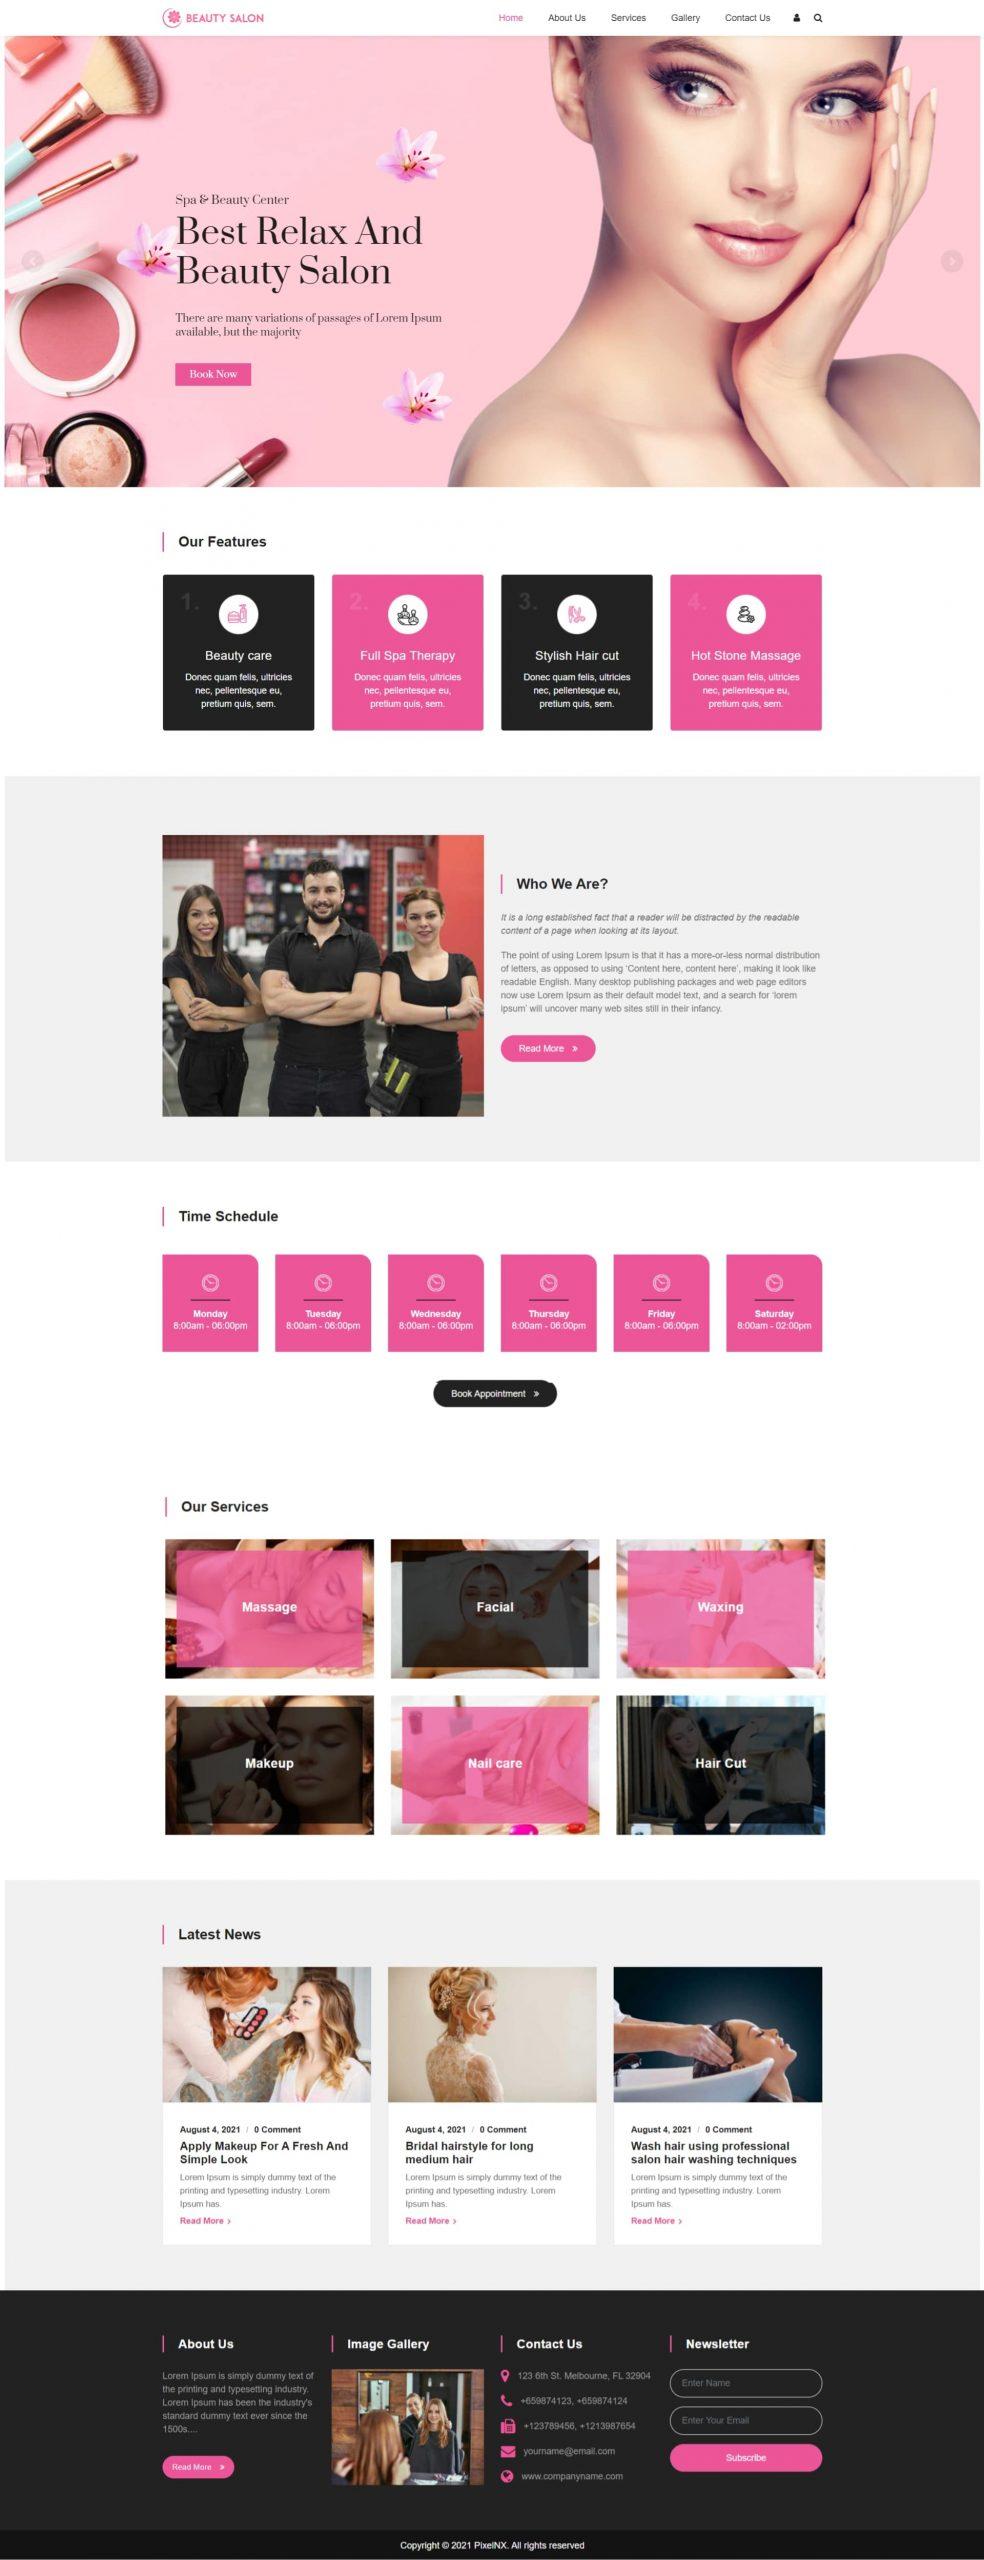 Beauty Salon Multipurpose WordPress Theme - Beautiful Animated Pink and Black Theme